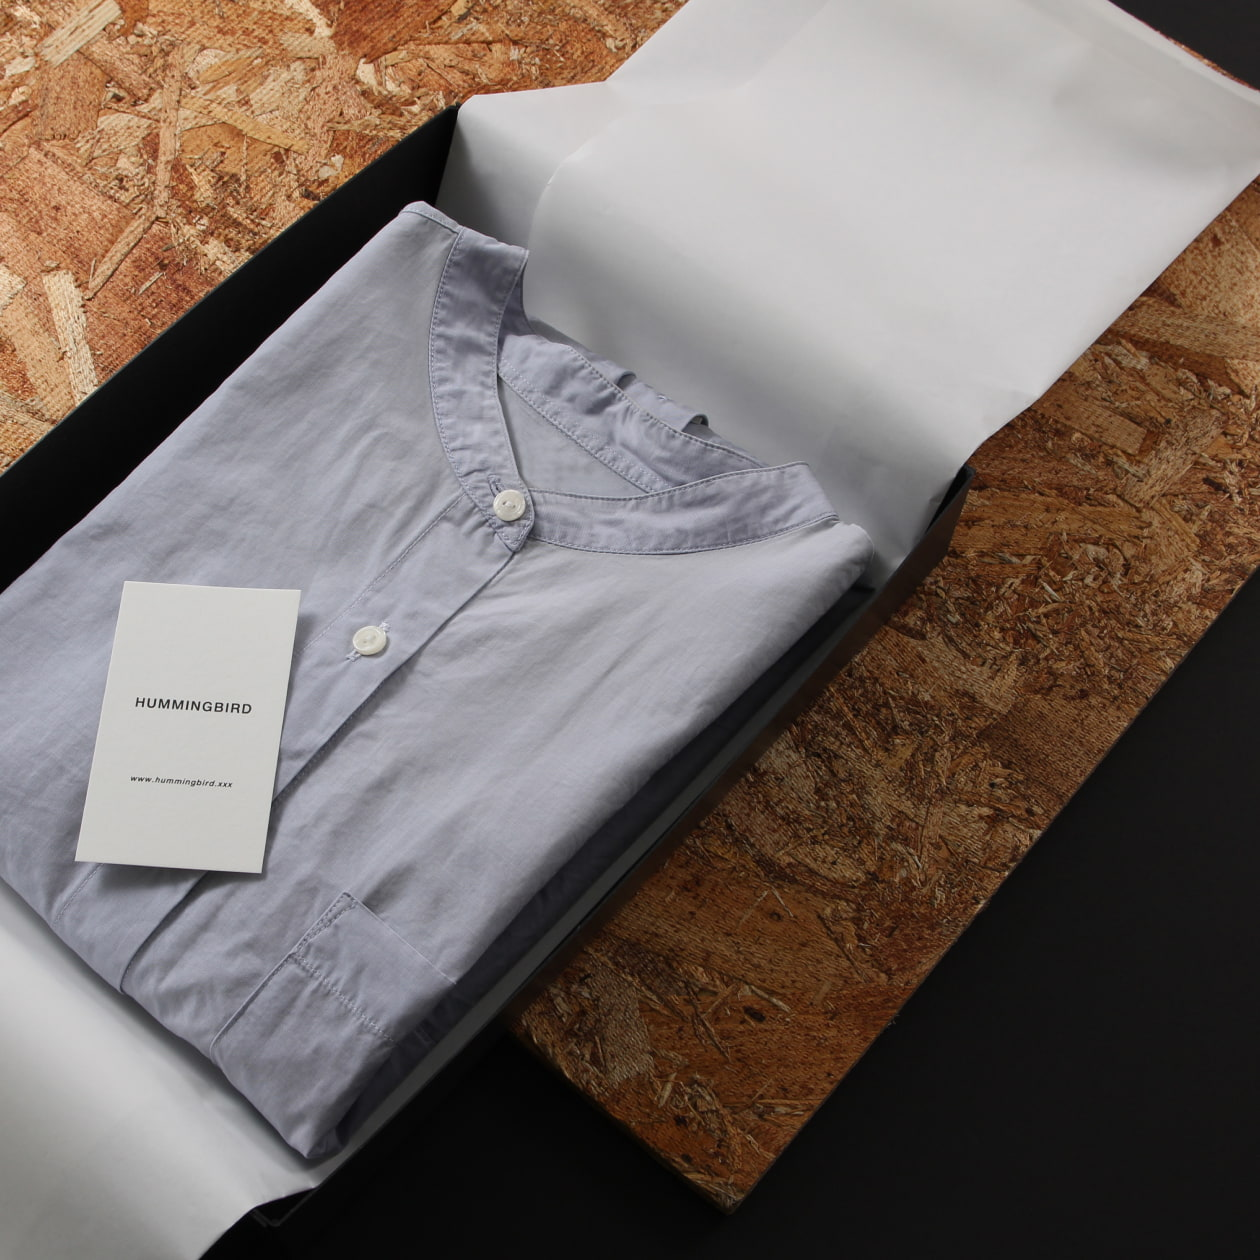 ファッションブランドの商品ラッピング